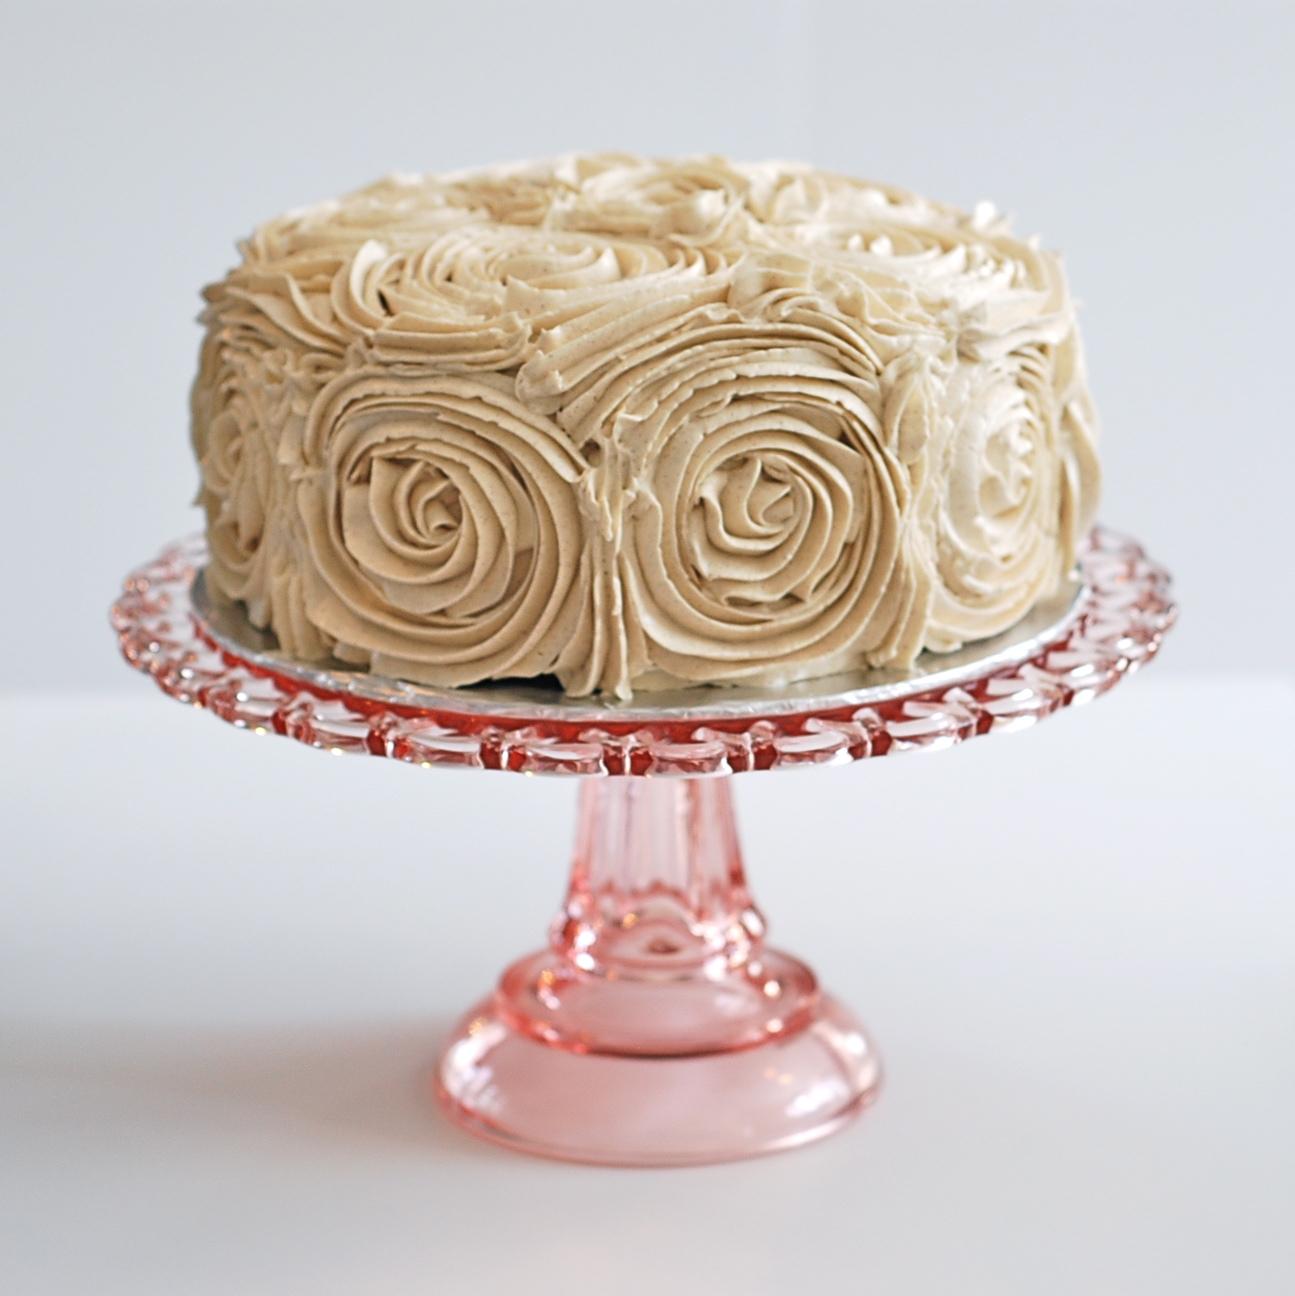 Red Velvet Cake With Swiss Meringue Buttercream